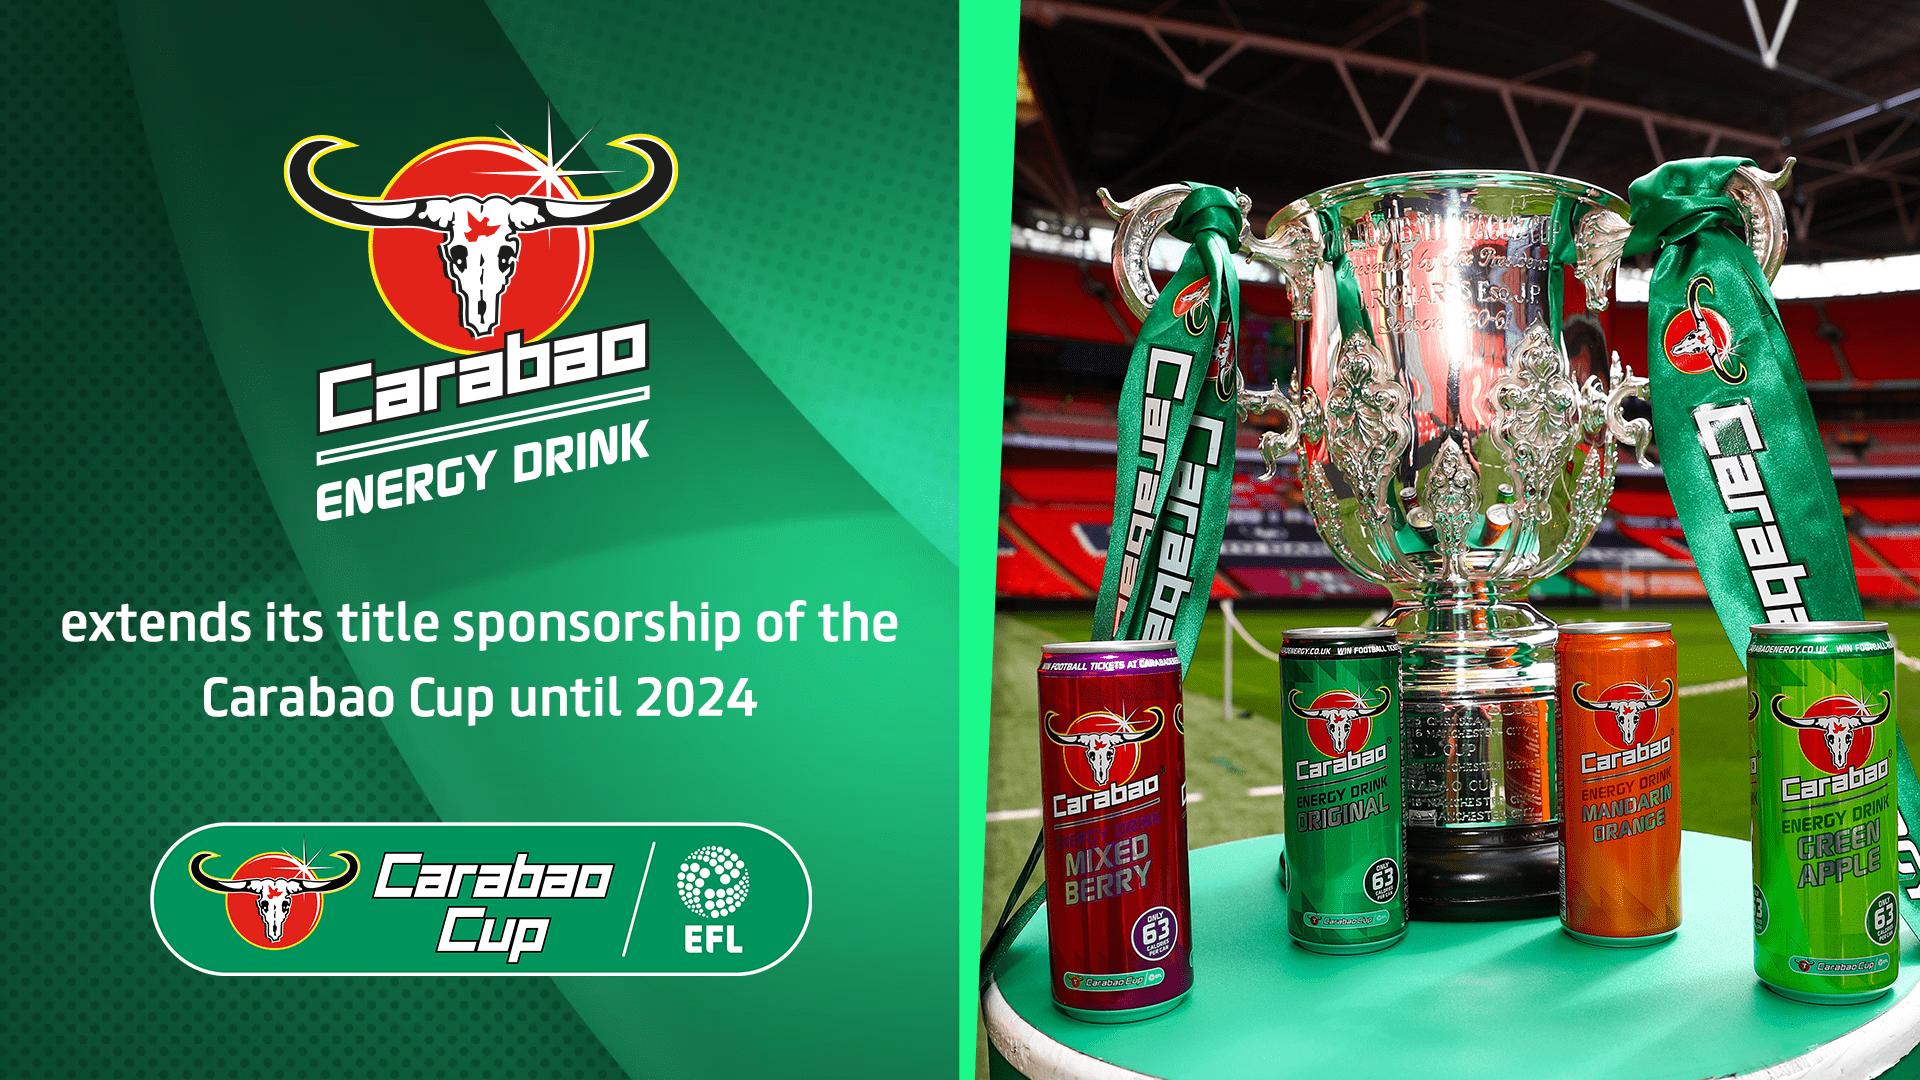 Carabao Extend Efl Cup Partnership